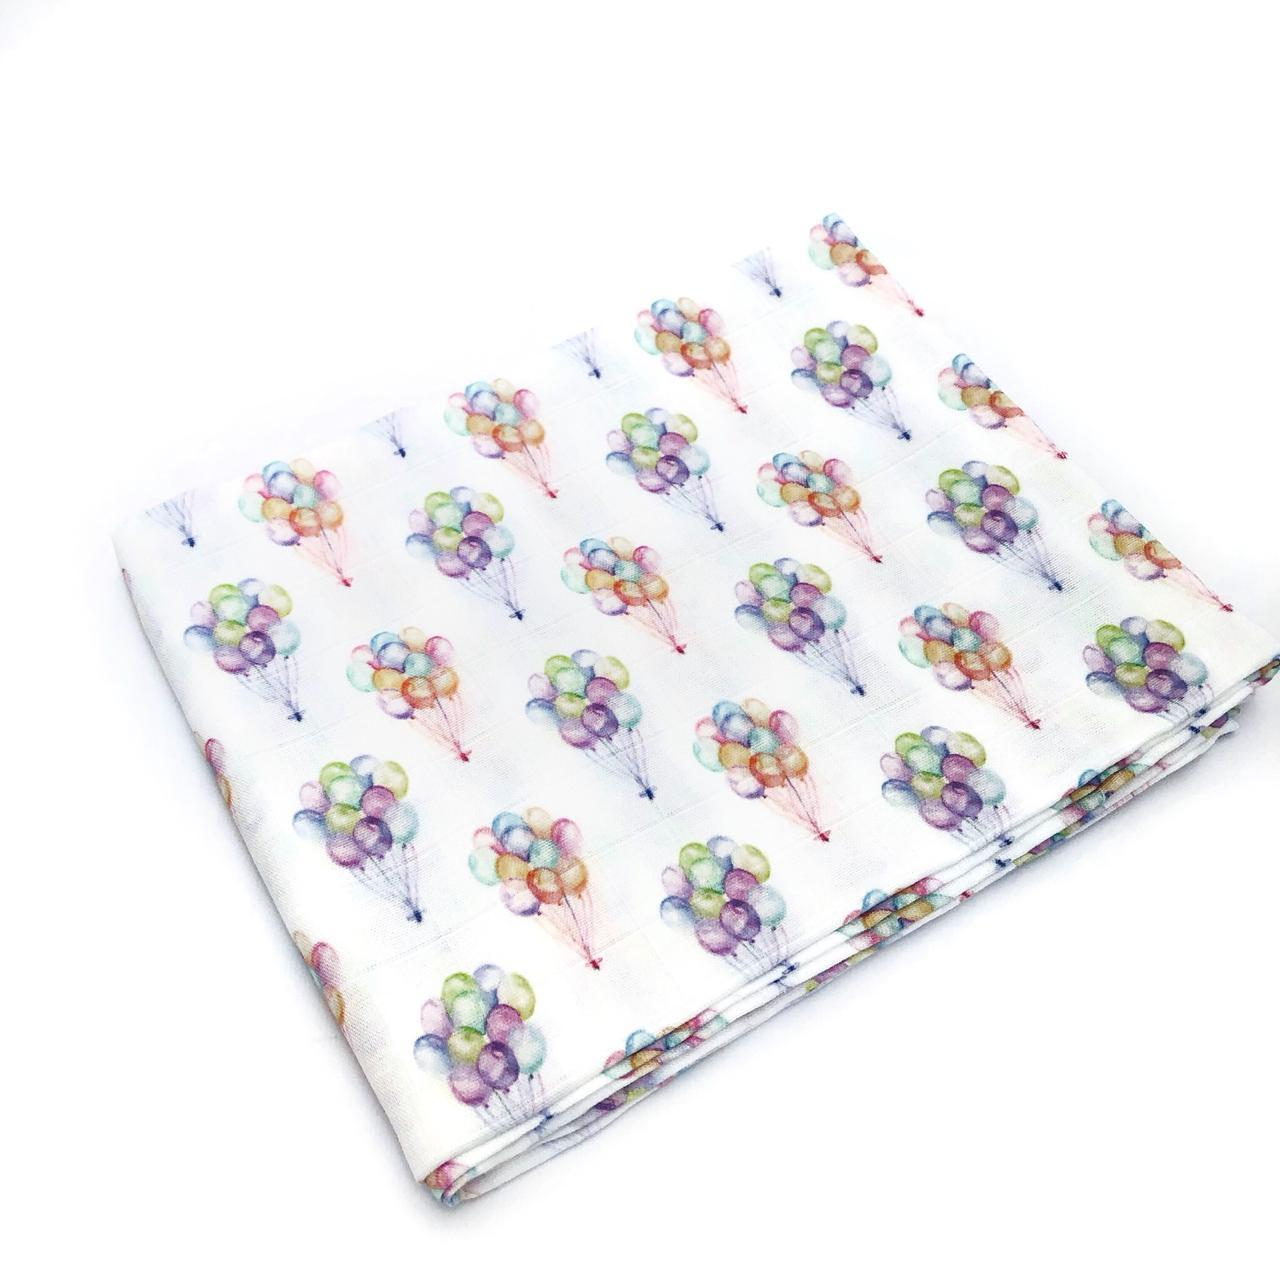 Пеленка муслиновая 100х120 Маленькие воздушные шары